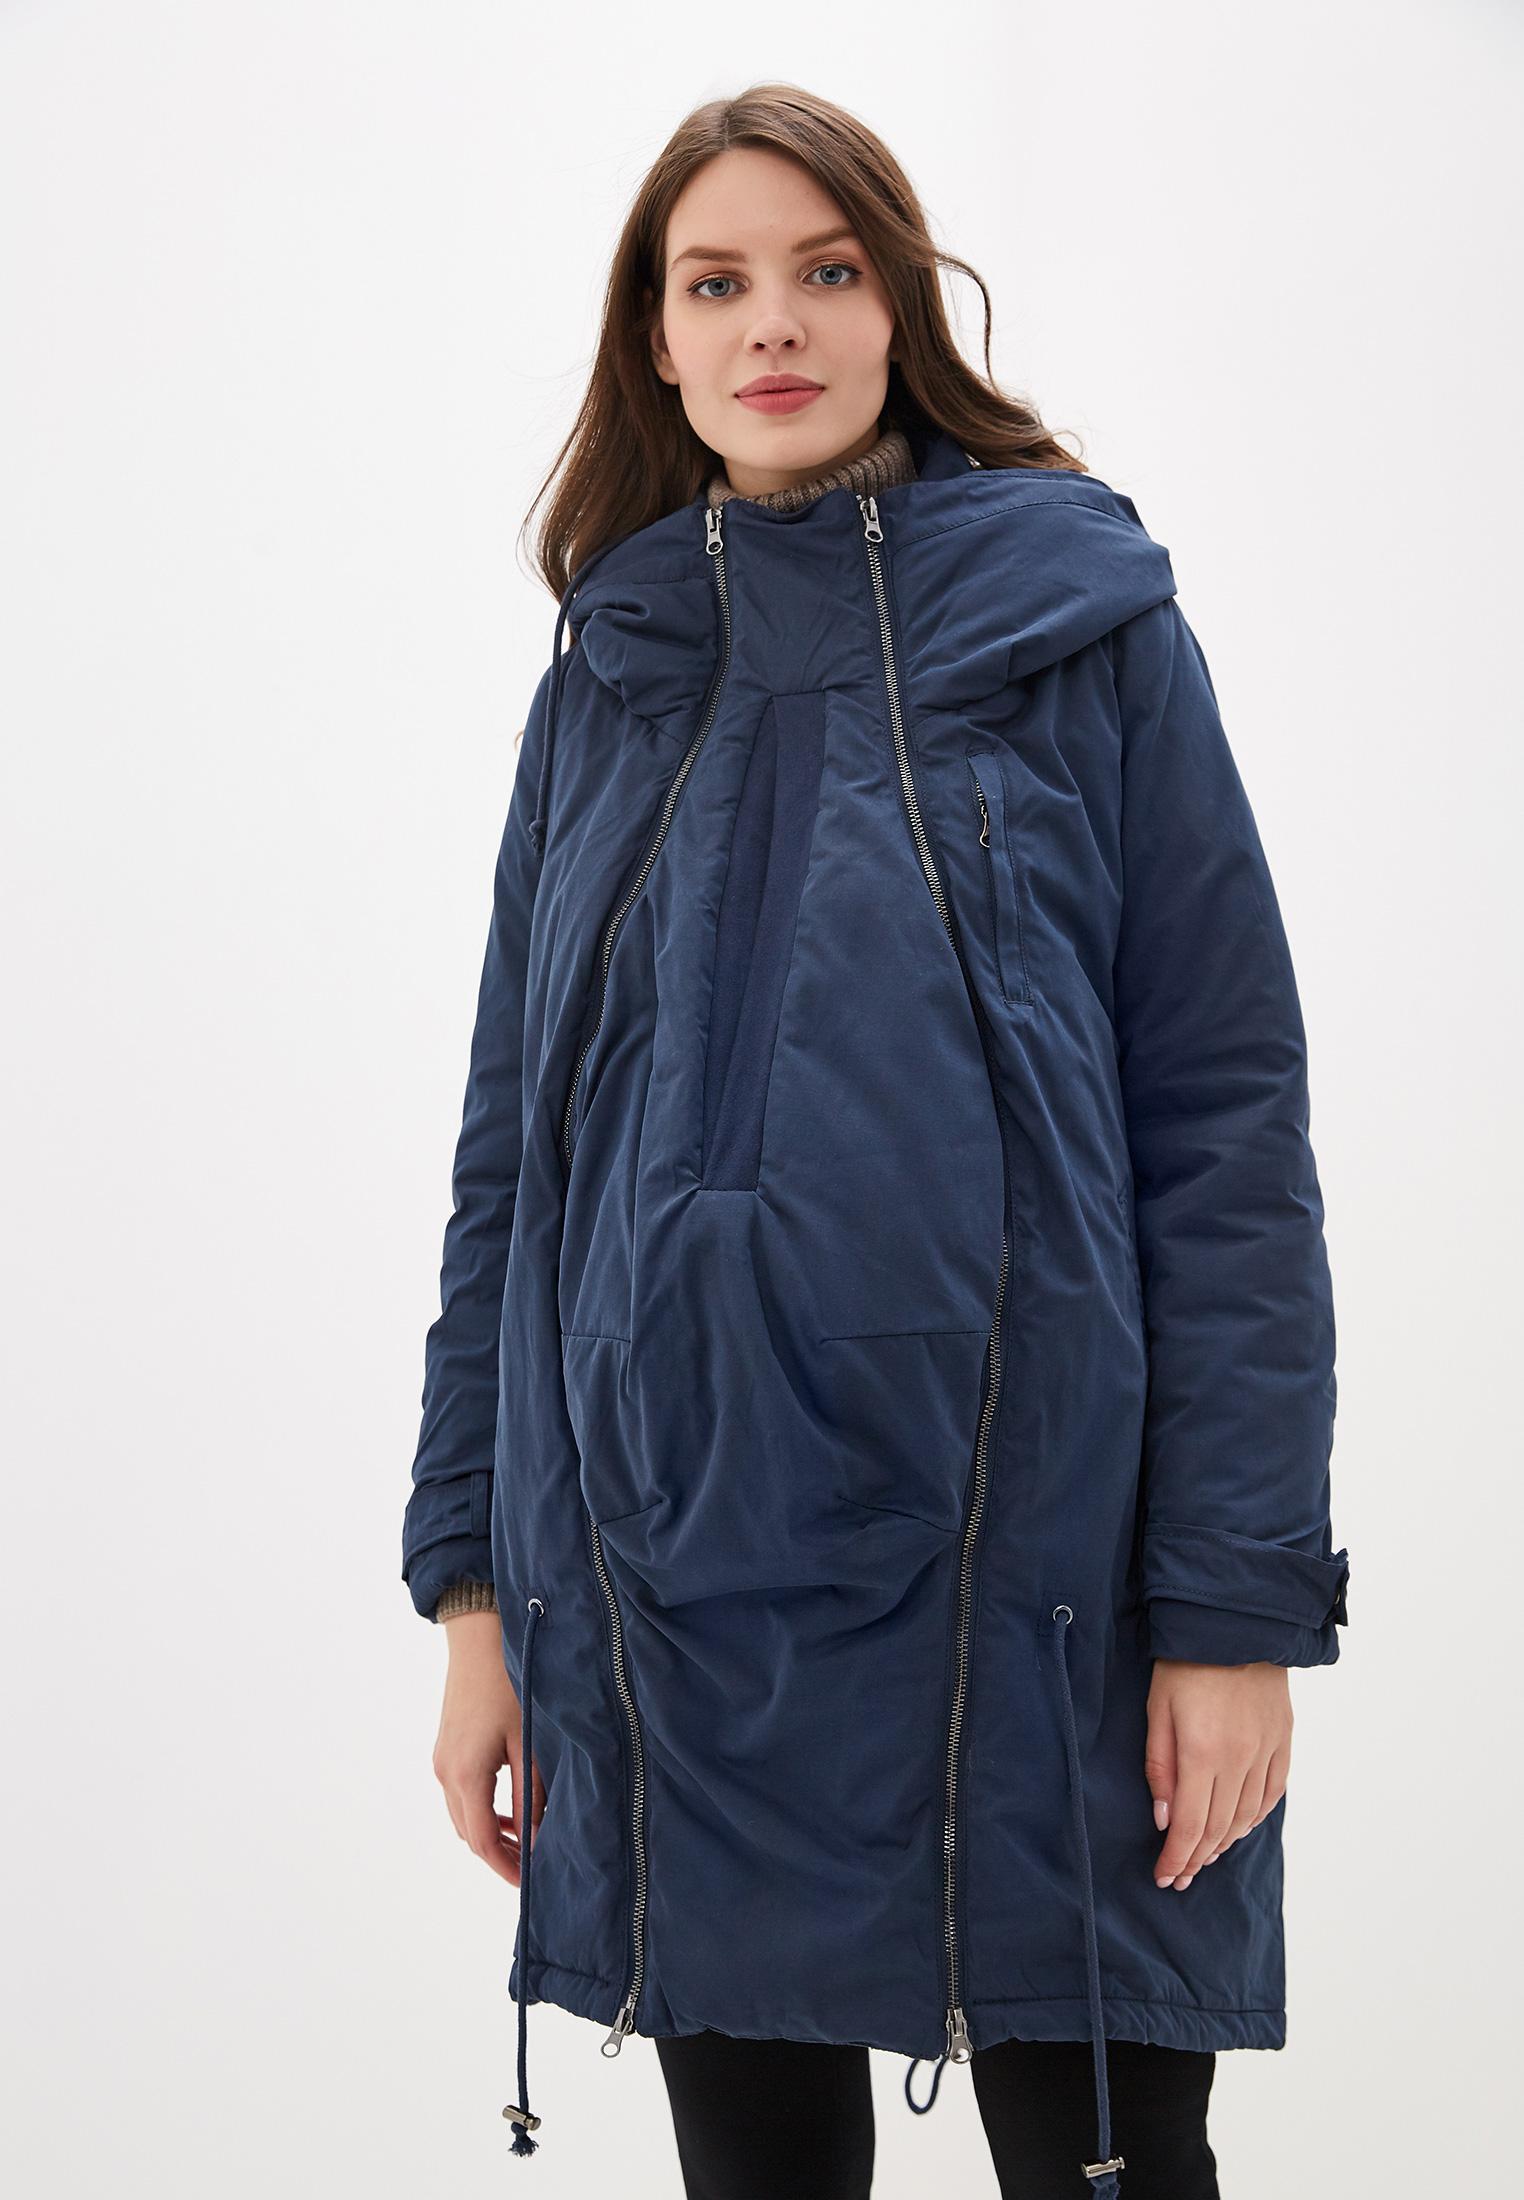 Парка, Mamalicious, цвет: синий. Артикул: MA101EWGOXM3. Одежда / Верхняя одежда / Парки